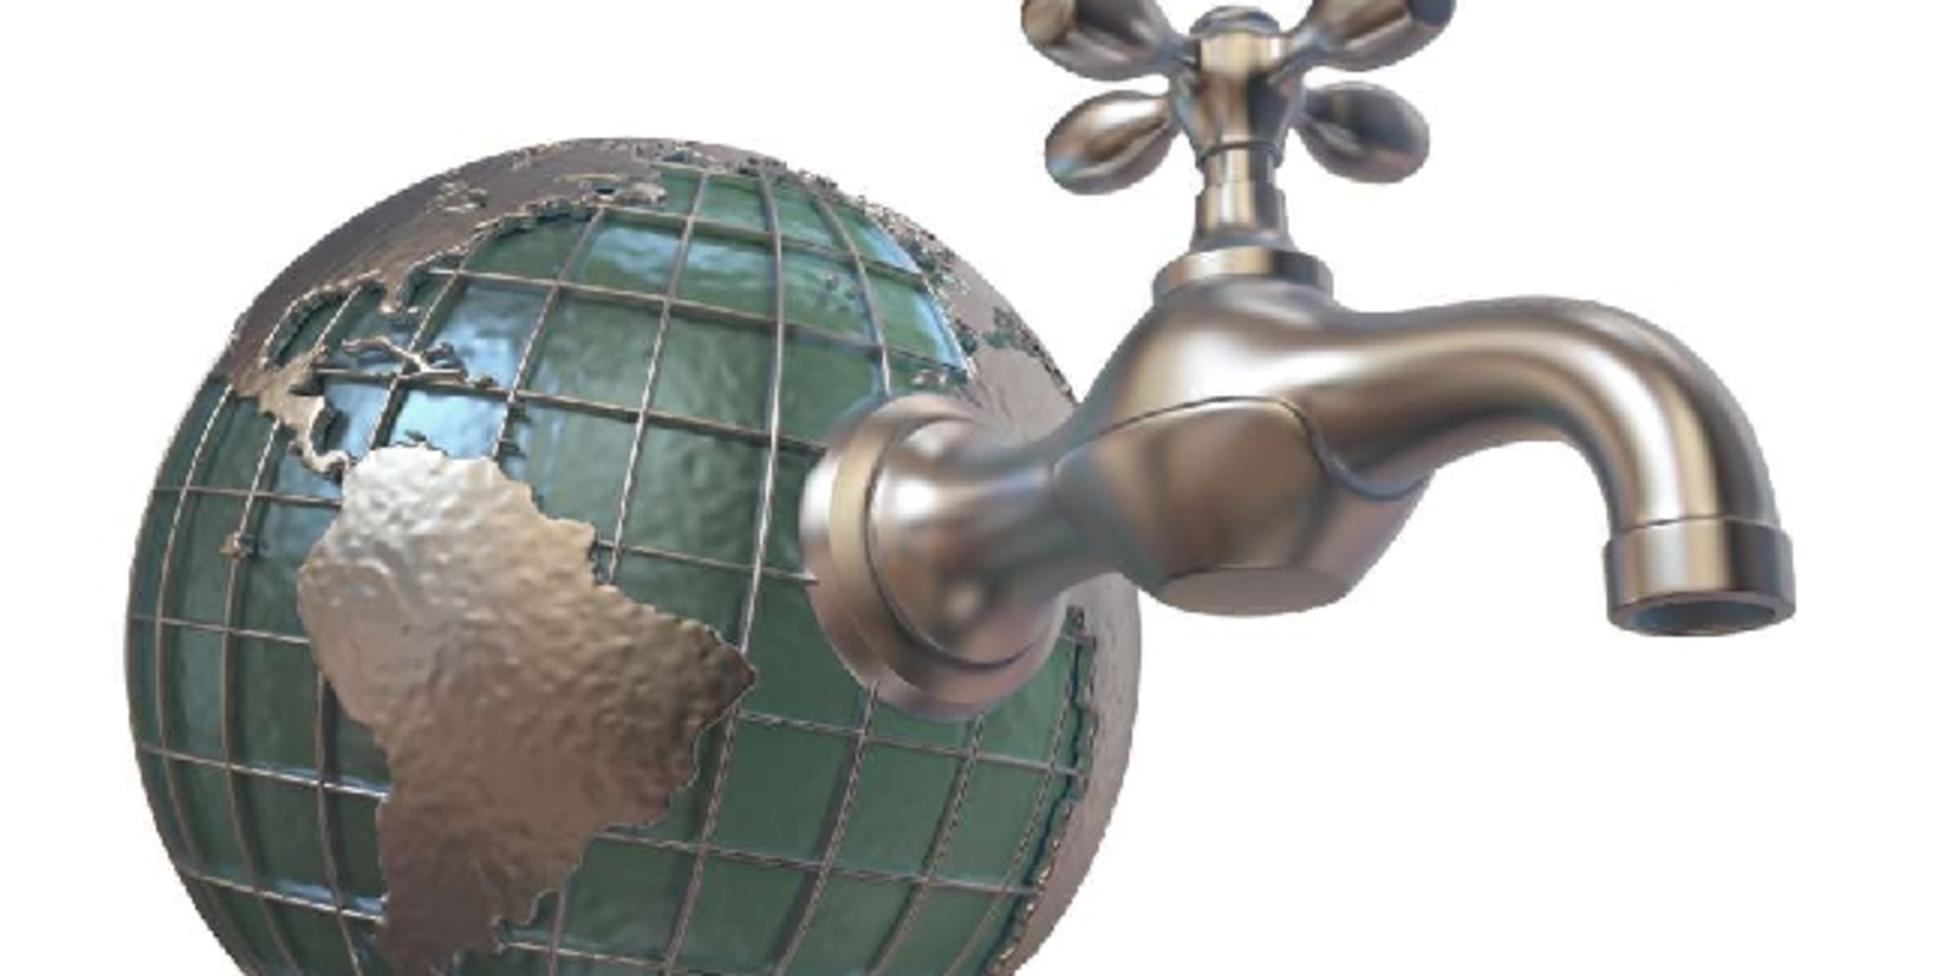 Giornata Mondiale dell'acqua, italiani poco sensibili al problema: ecco come usarla responsabilmente